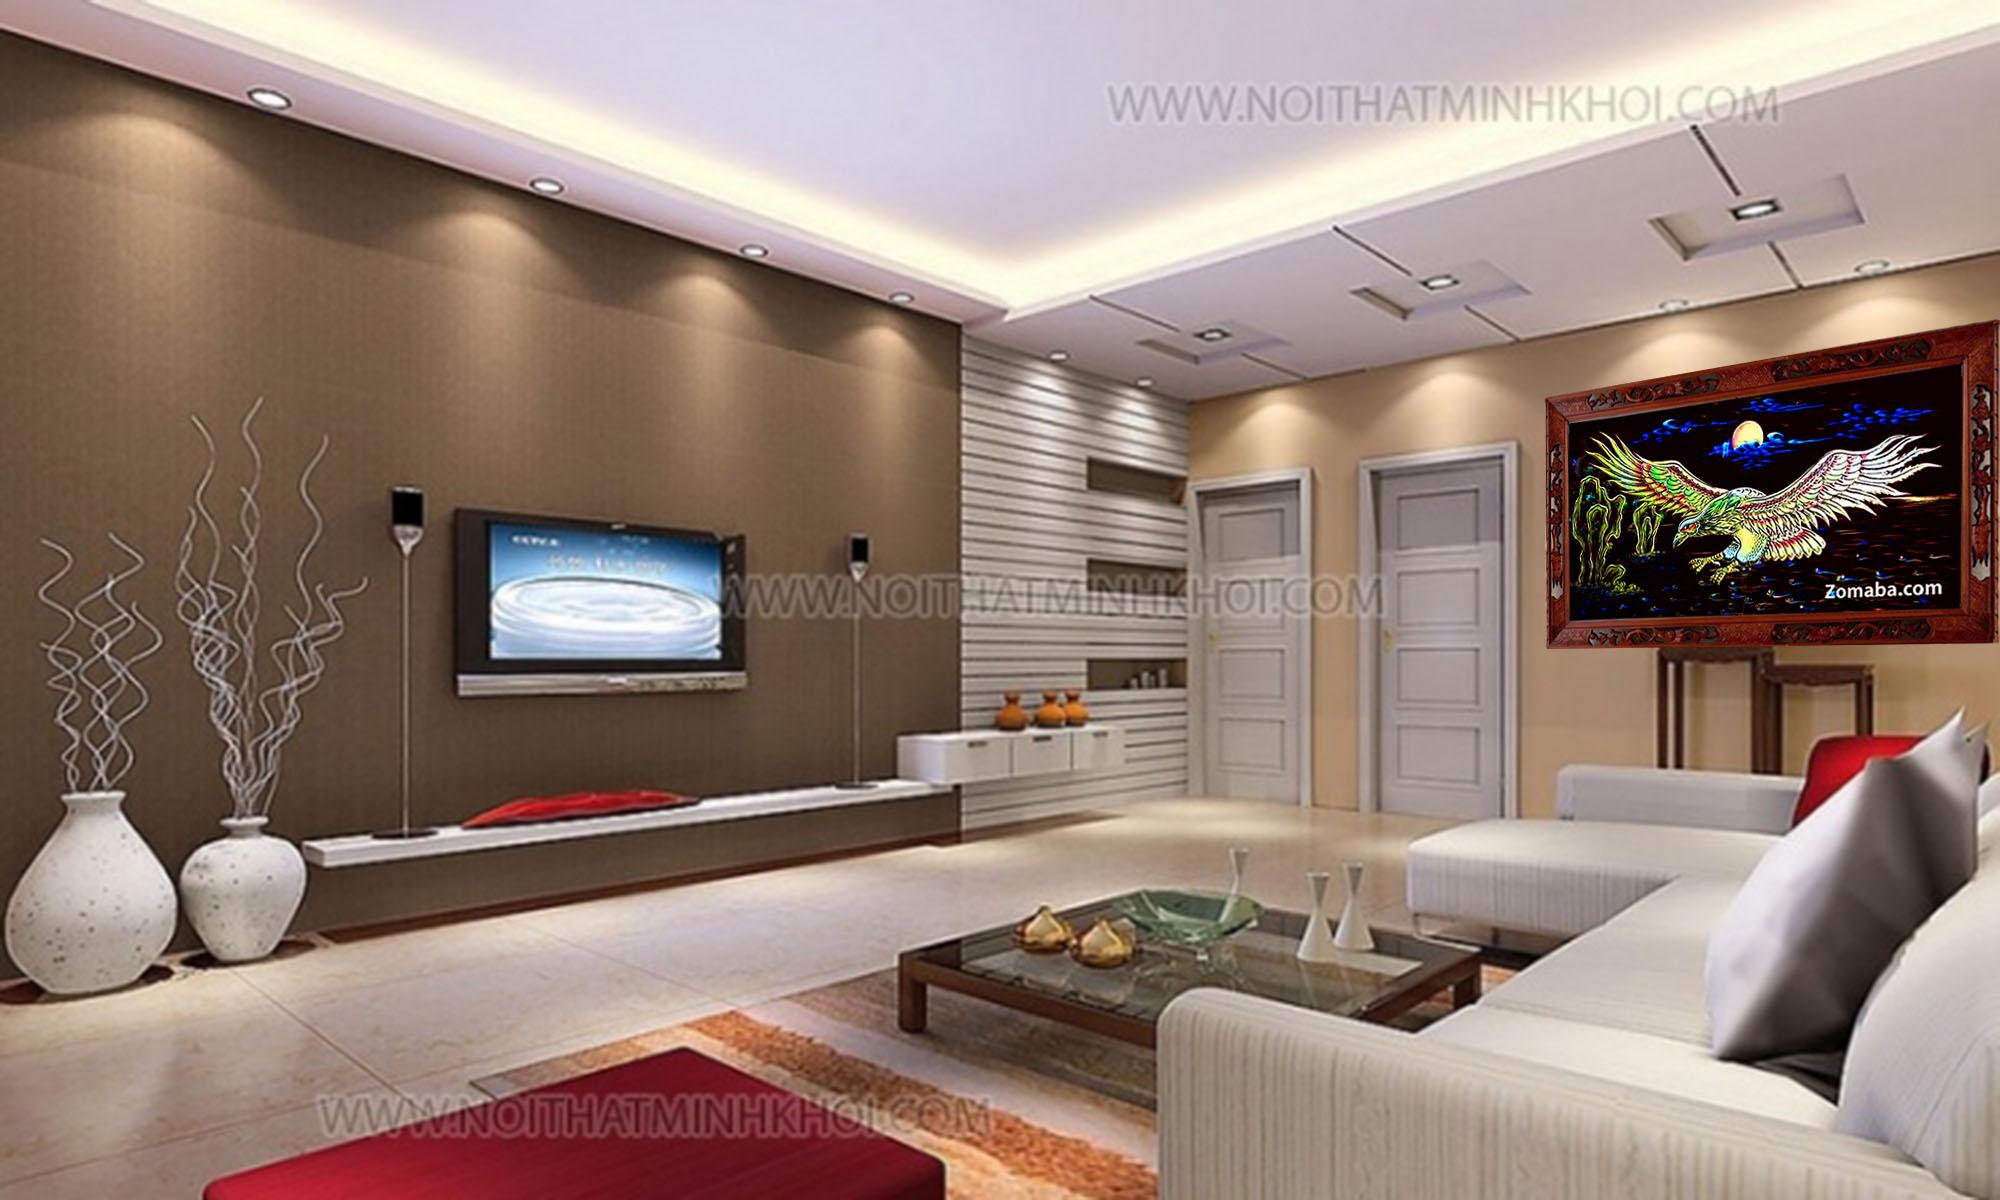 Tranh tặng tân gia nhà mới tphcm - Tranh sơn mài - Malanaz.com